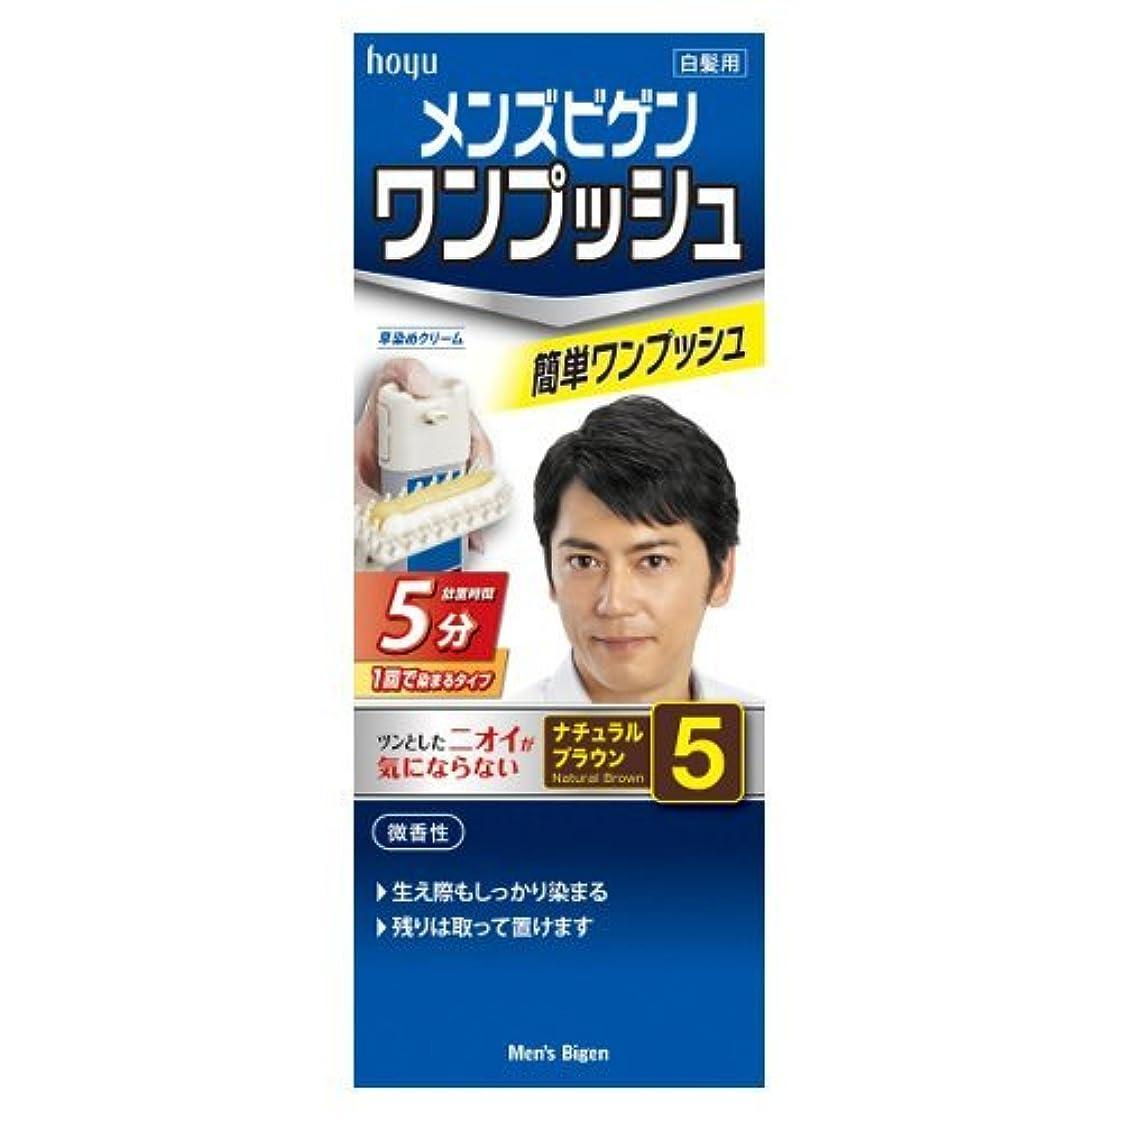 シンジケート違反するスラッシュメンズビゲン ワンプッシュ 5 ナチュラルブラウン 40g+40g[医薬部外品]